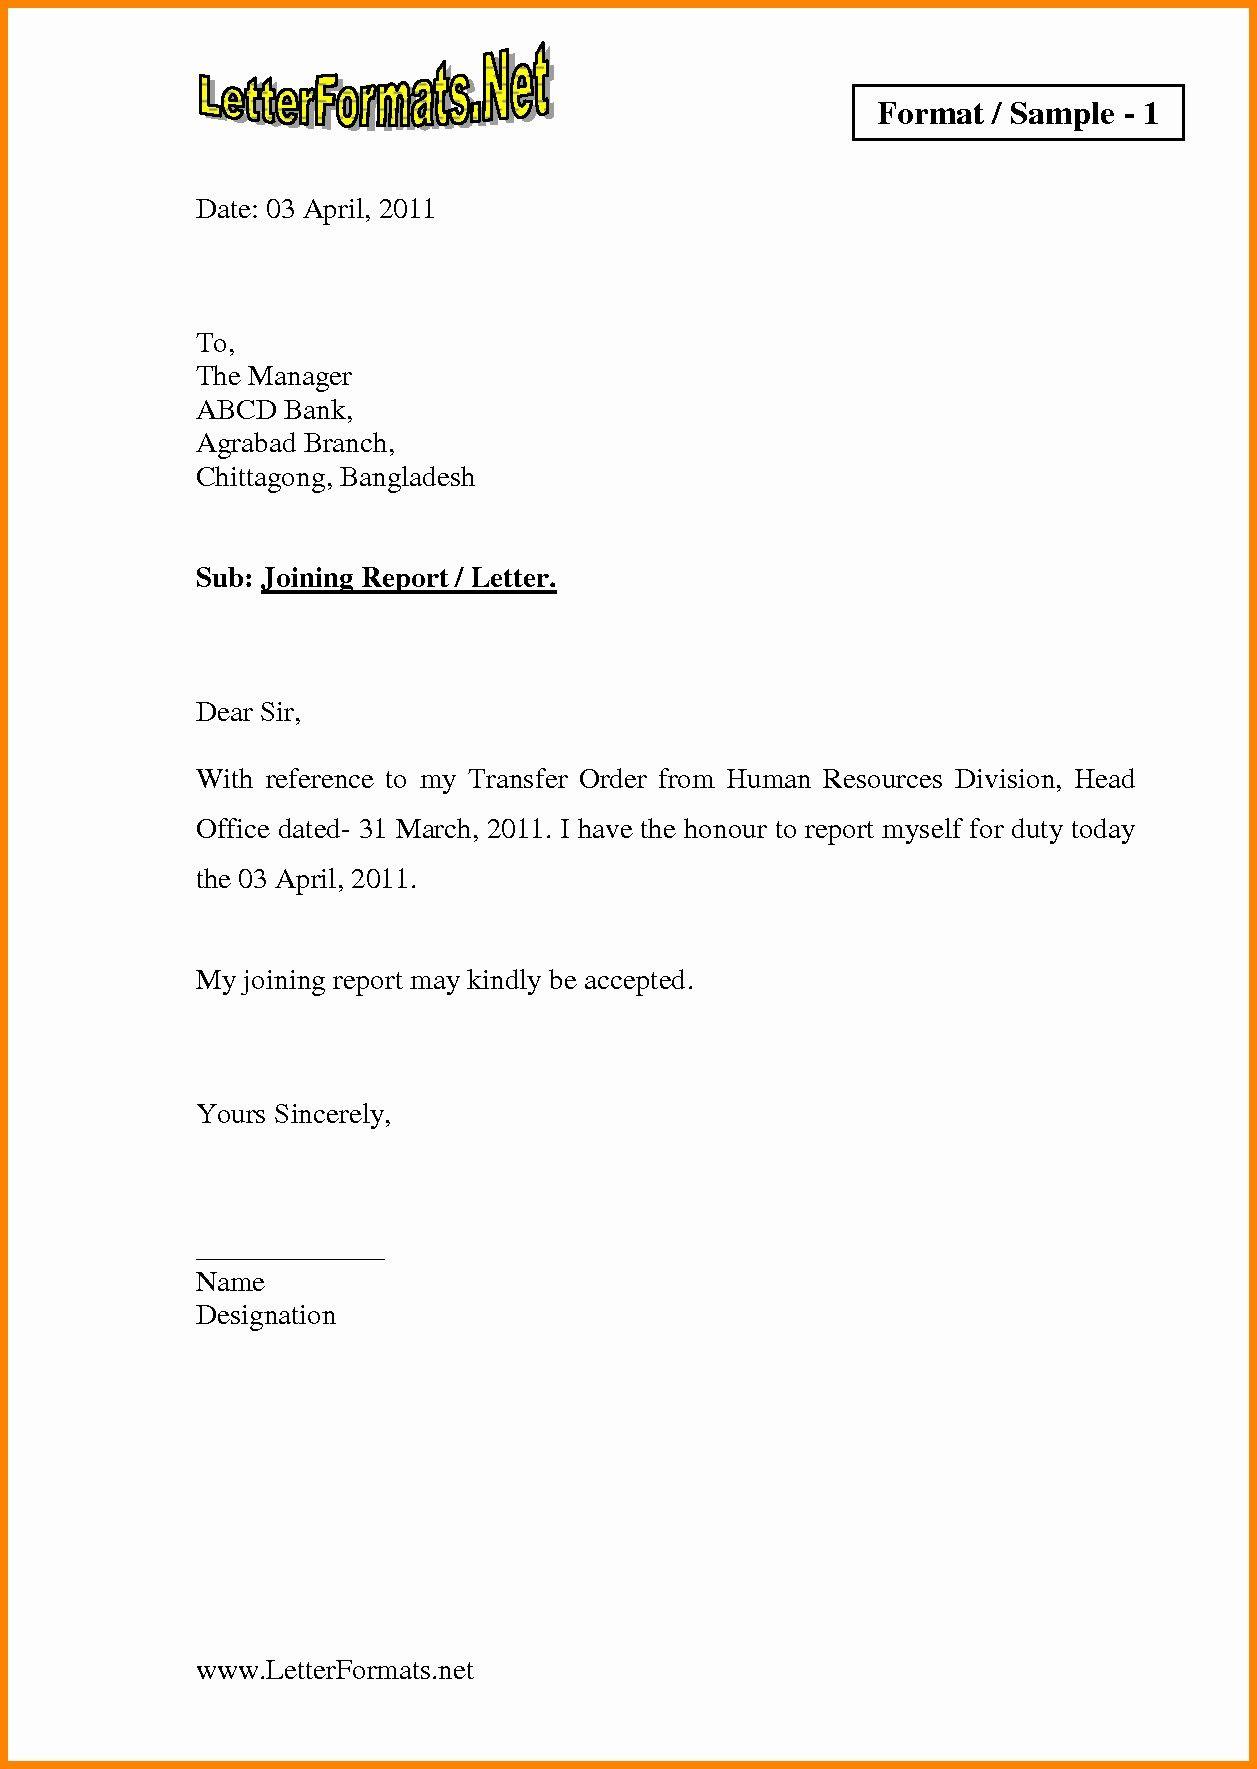 Joining Letter Format Sample Fresh Bank Appointment Letter Sample Best 6 Job Joining Letter Format Letter Format Sample Letter Sample Lettering